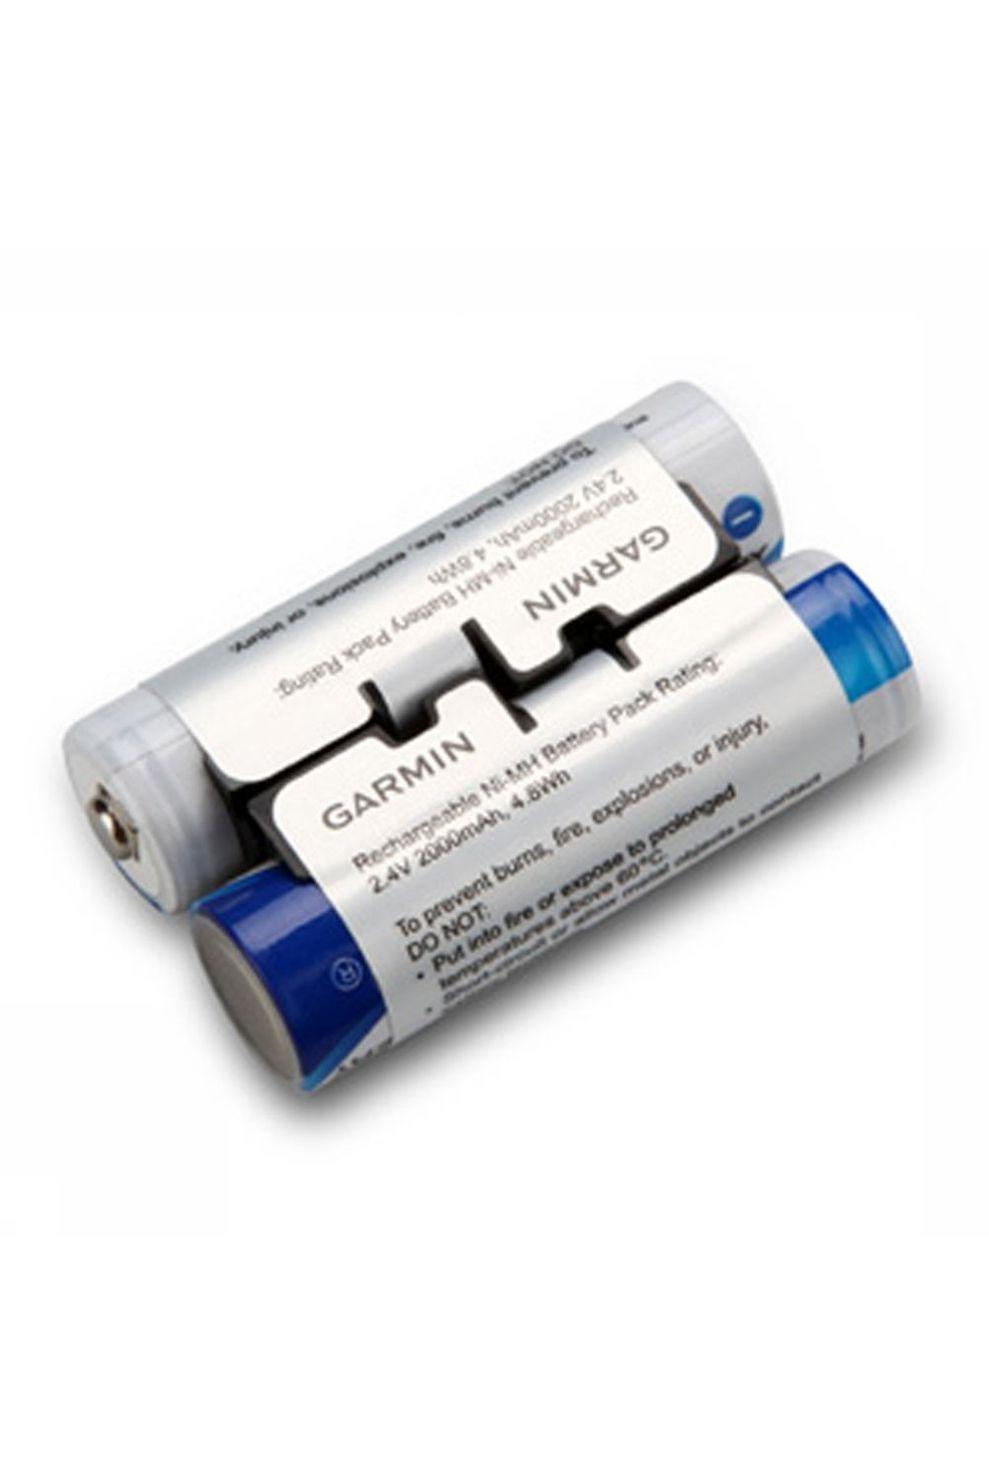 Garmin Gps Accessoire Nimh Battery Pack